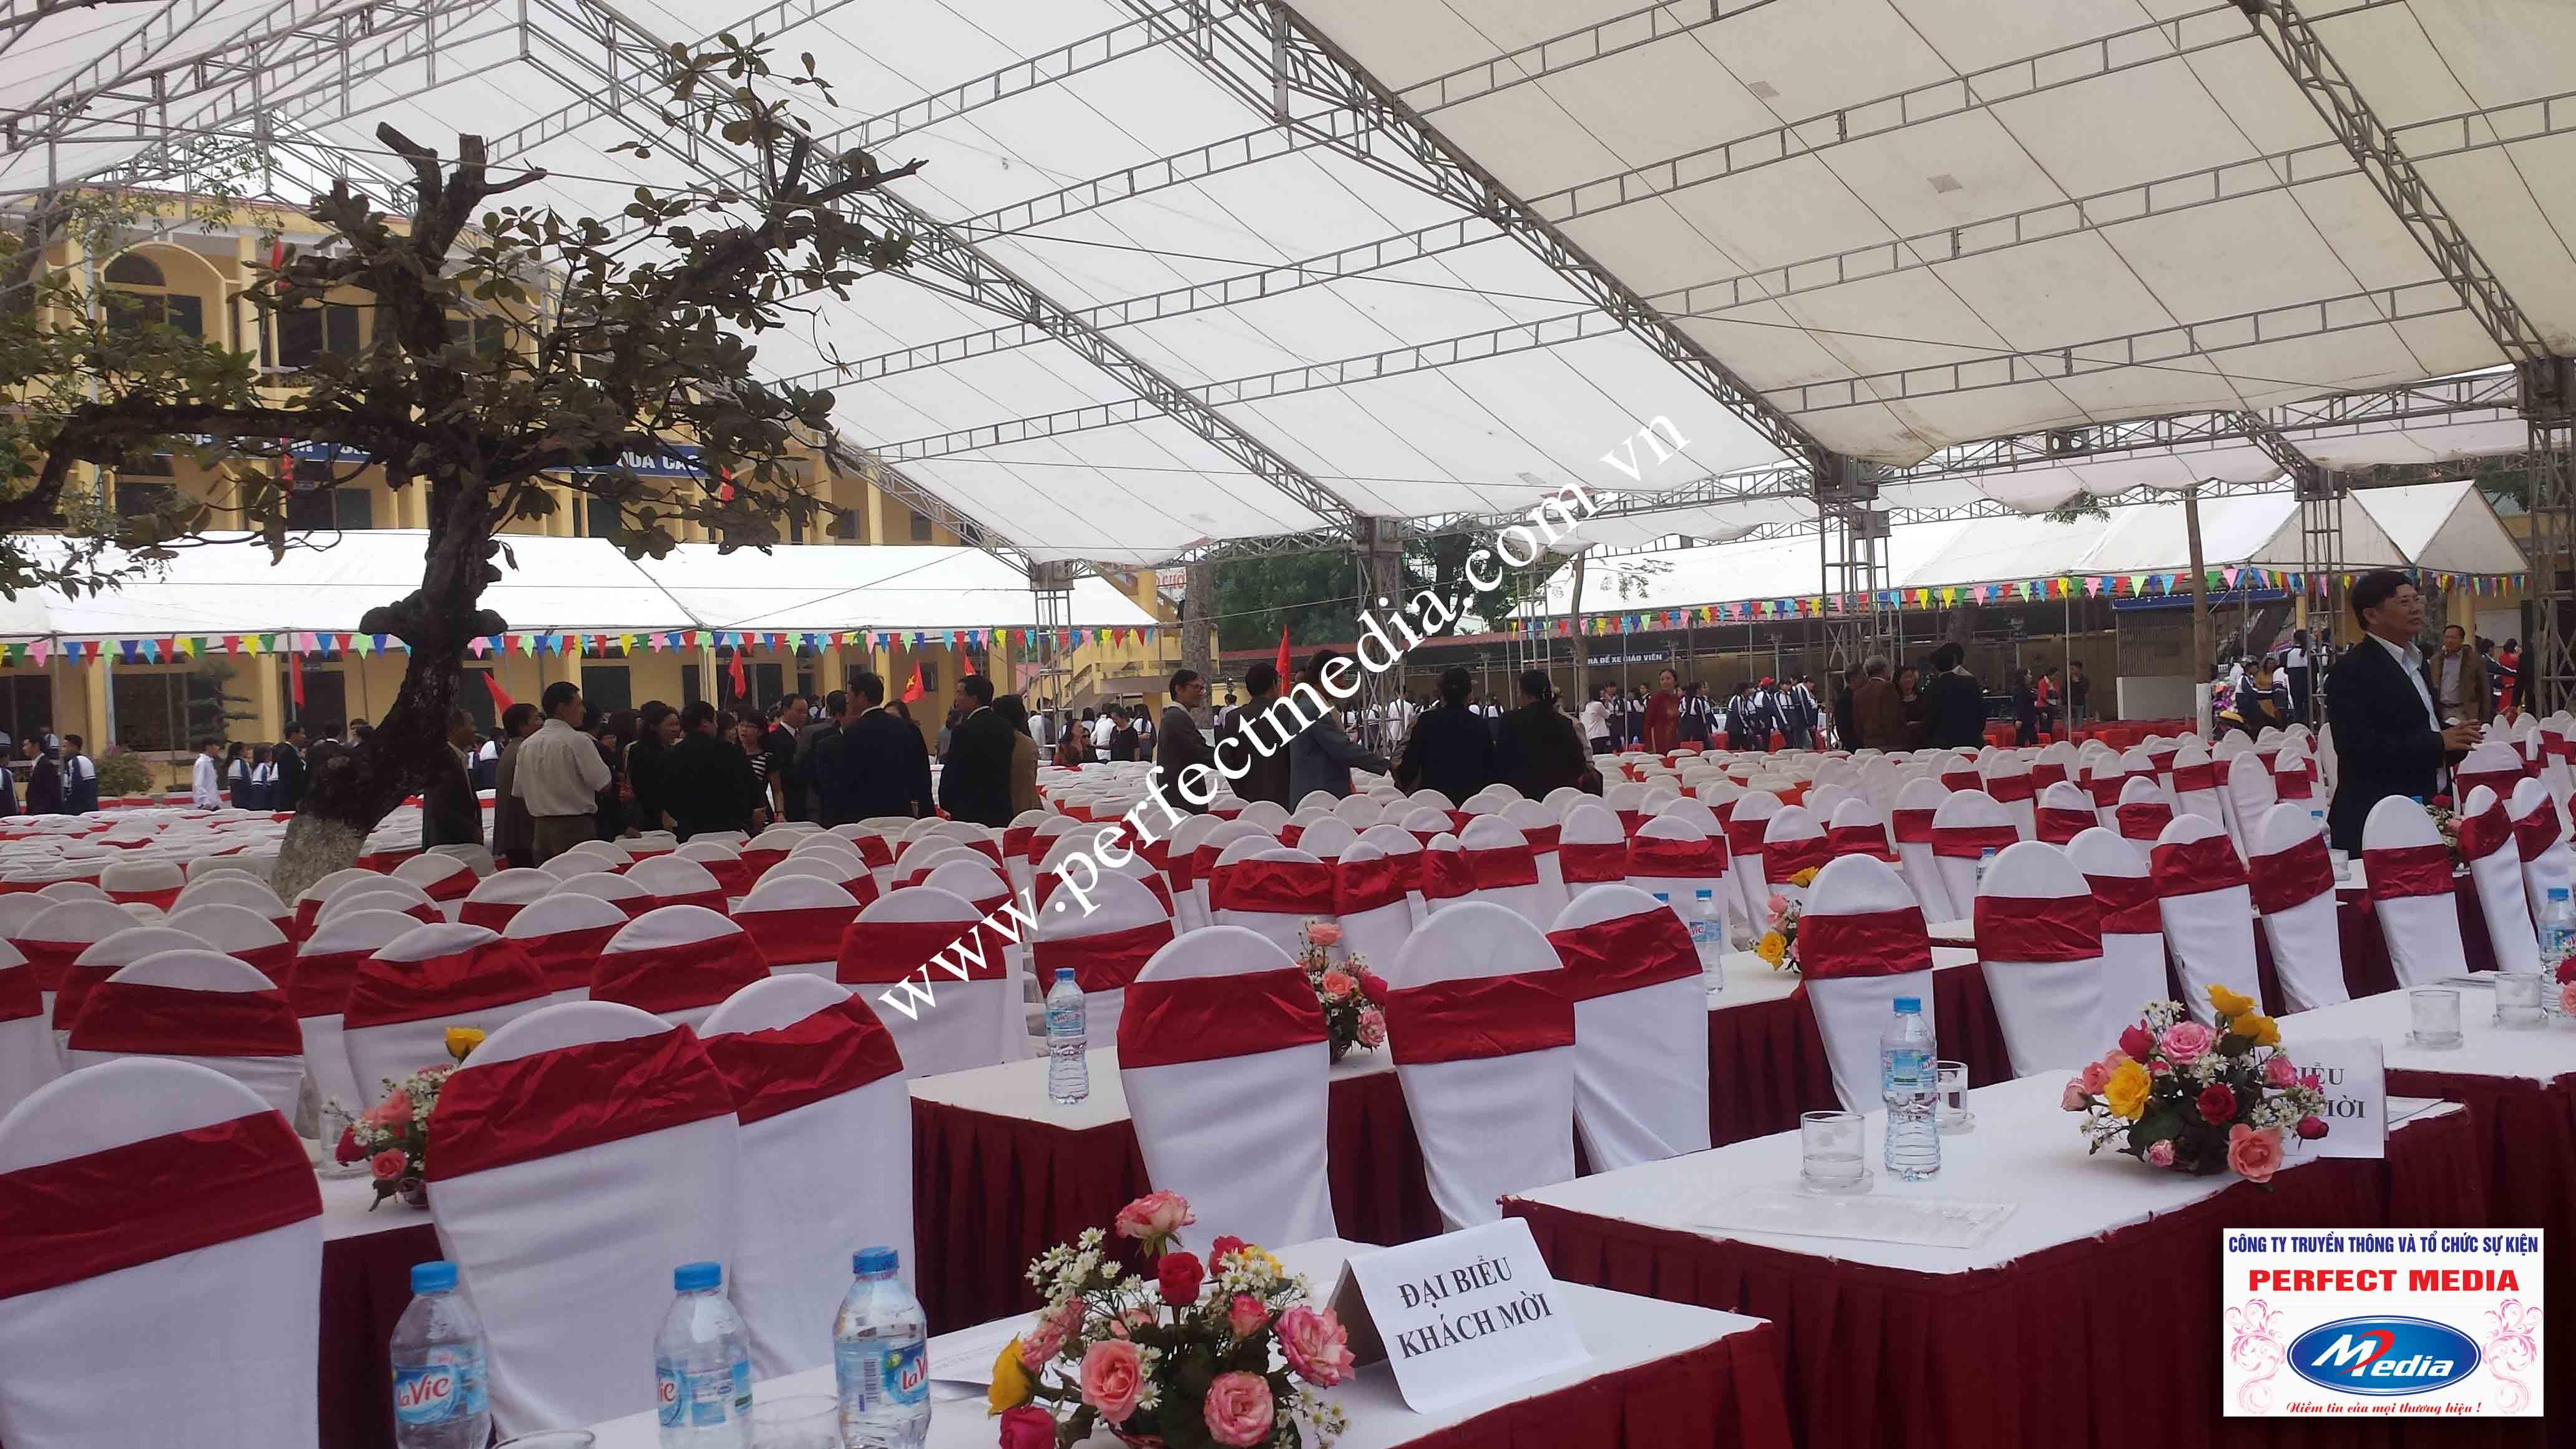 Dãy ghế của các đại biểu trong buổi lễ